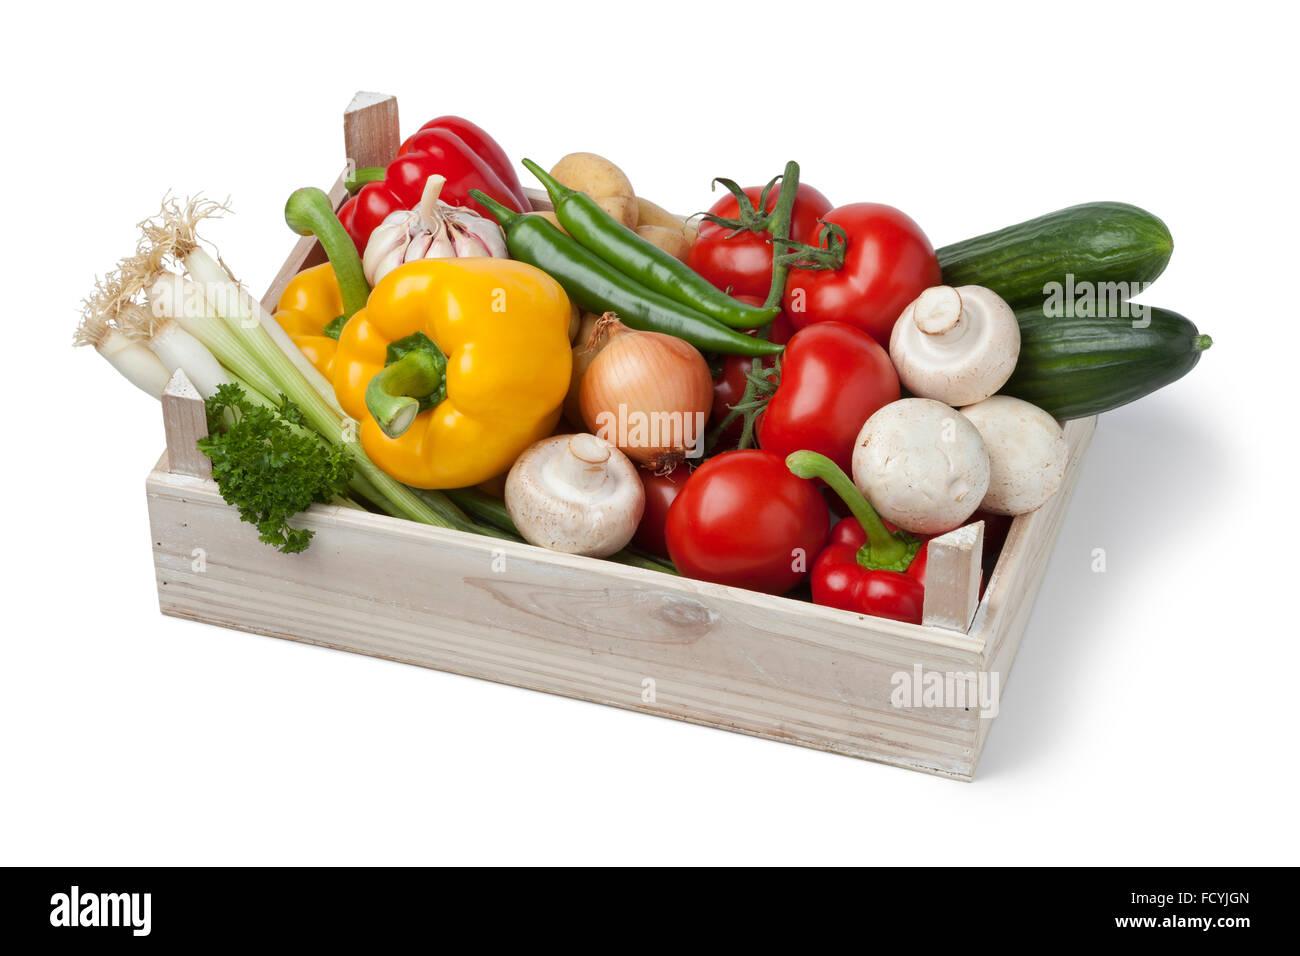 Cofre de madera con verduras frescas sobre fondo blanco. Imagen De Stock